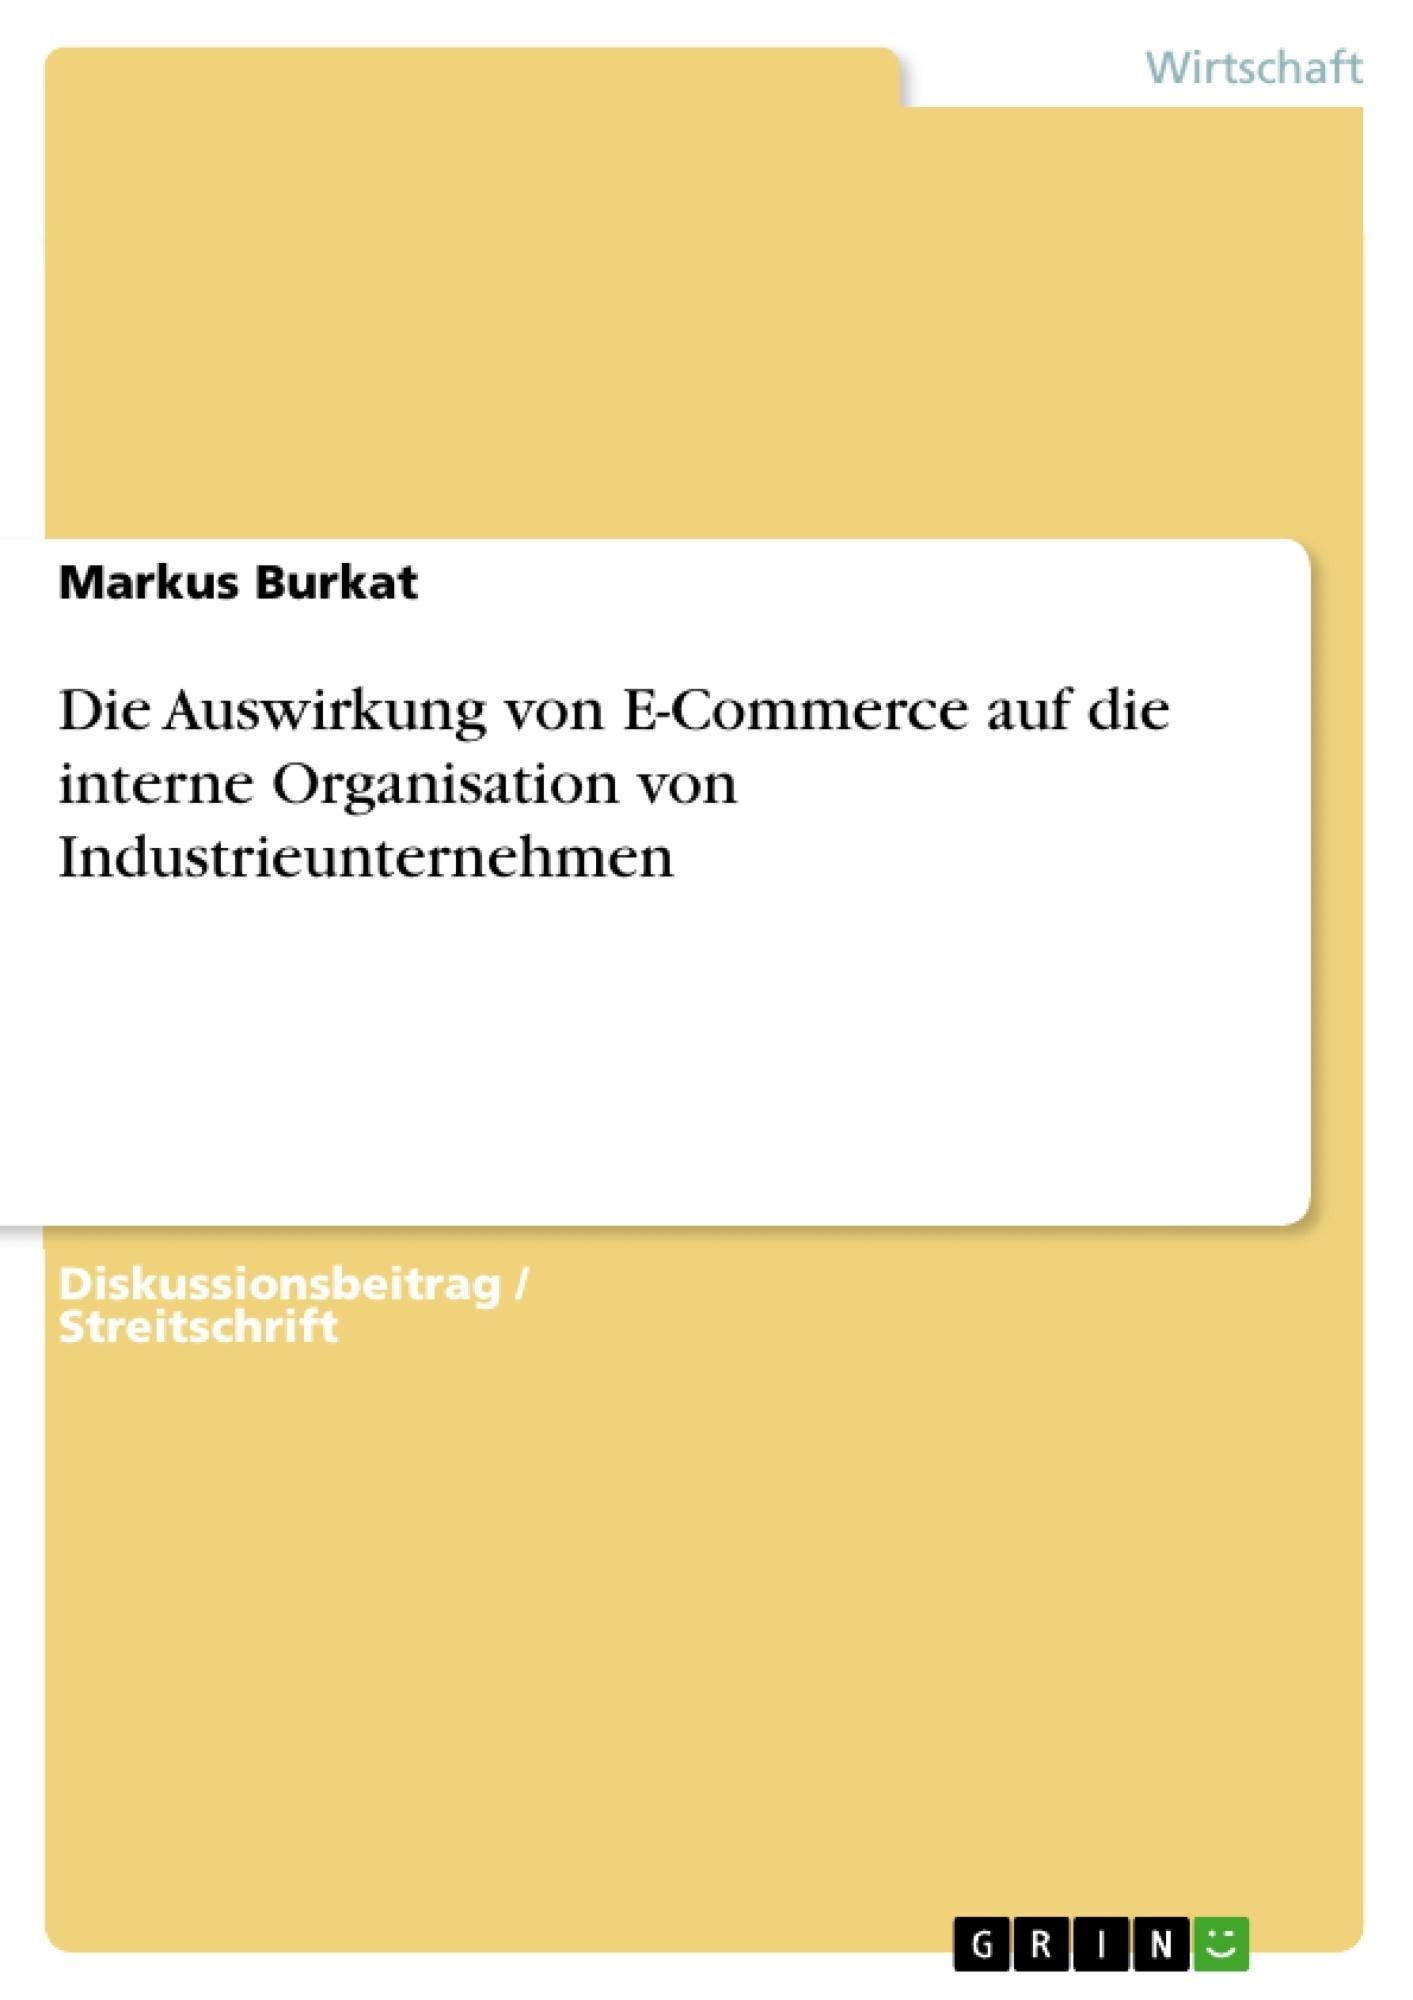 Titel: Die Auswirkung von E-Commerce auf die interne Organisation von Industrieunternehmen